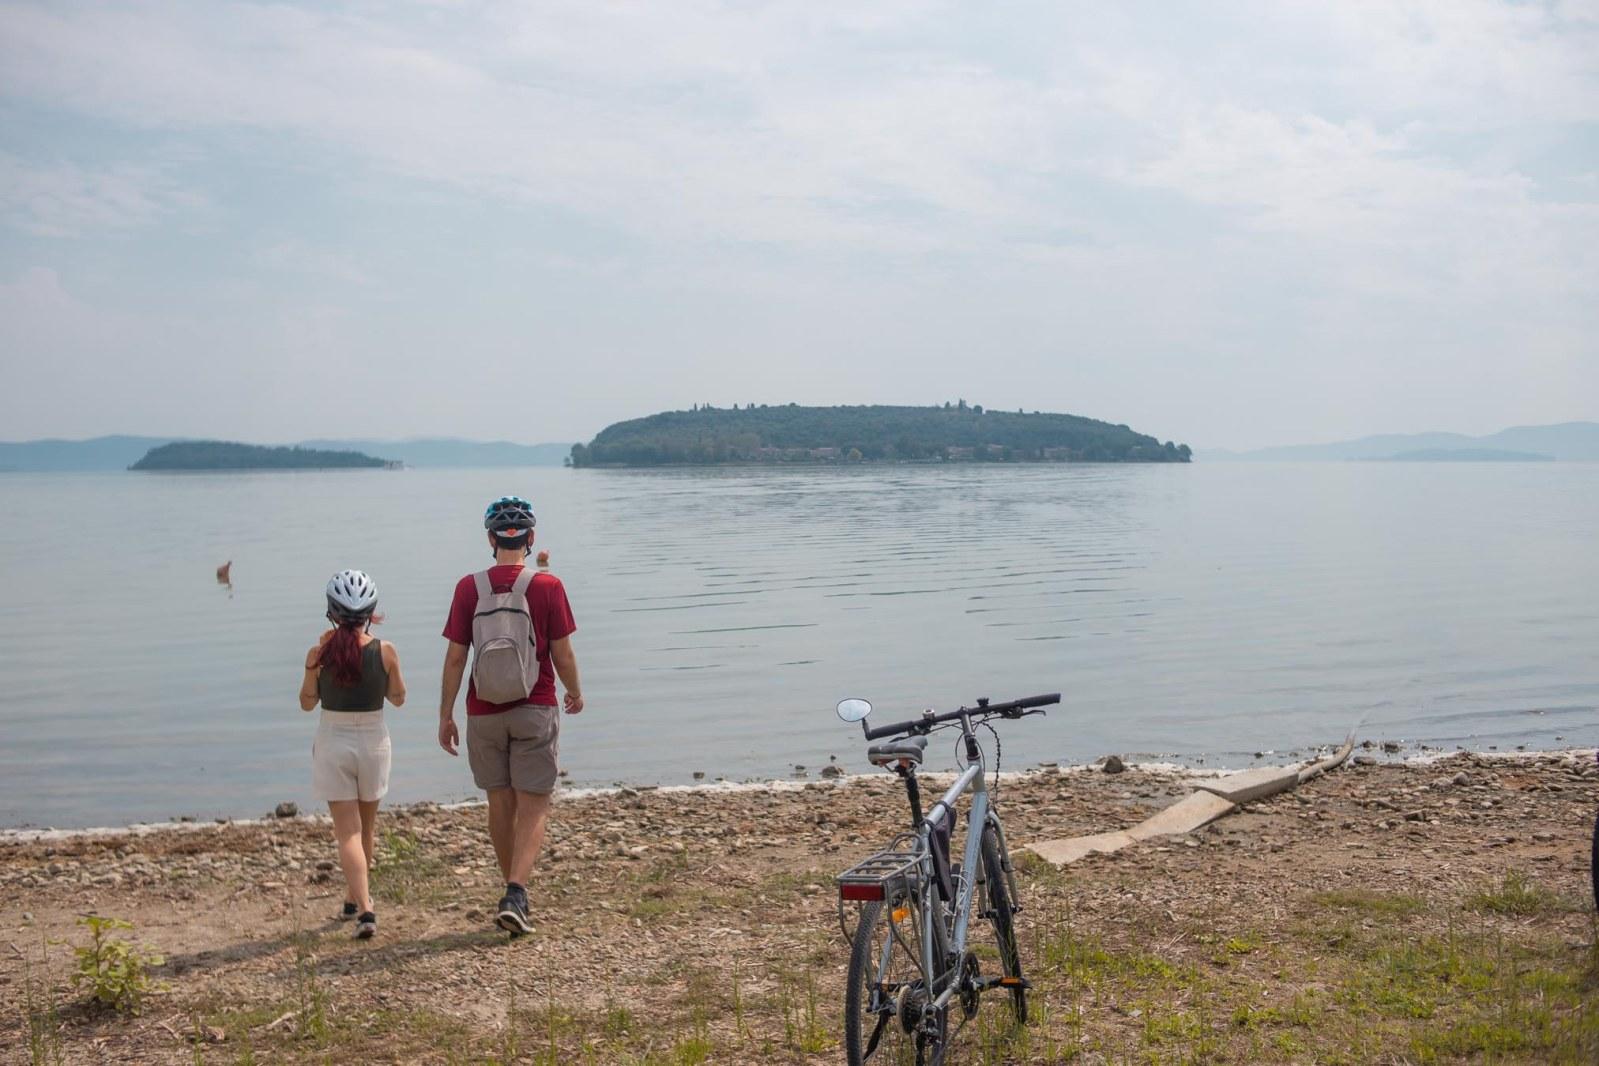 francesca e pietro camminano verso il lago trasimeno con la bicicletta a fianco